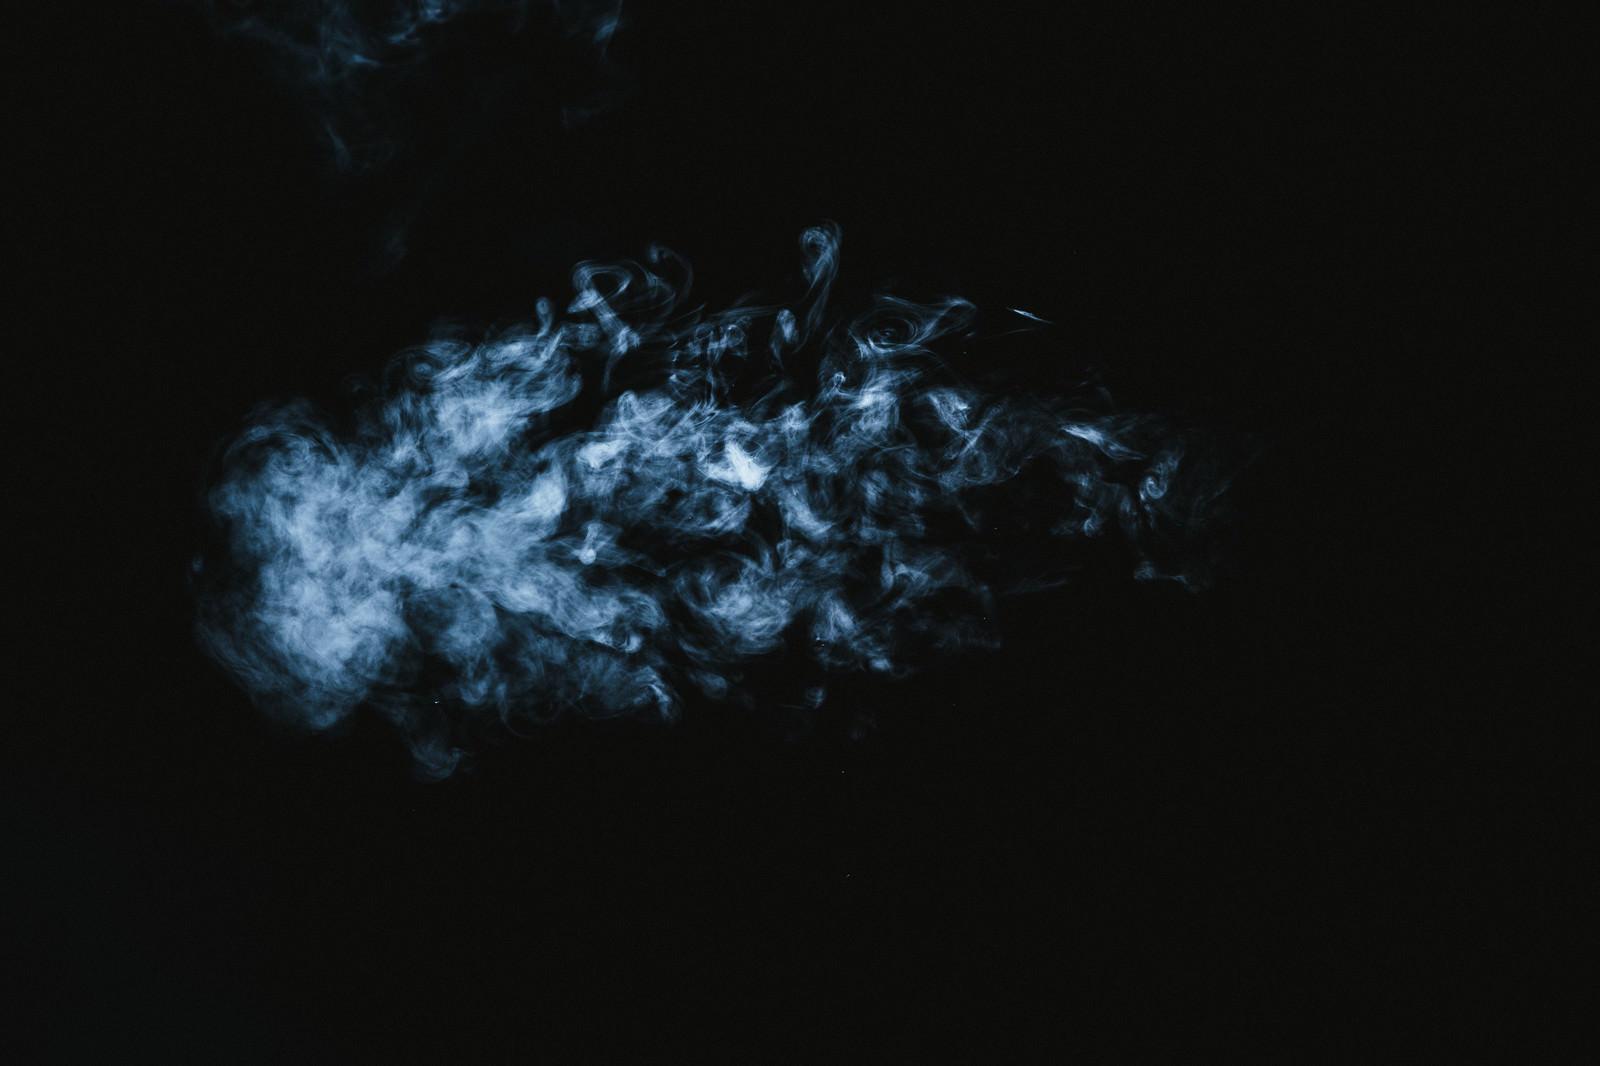 「消えそうな煙」の写真